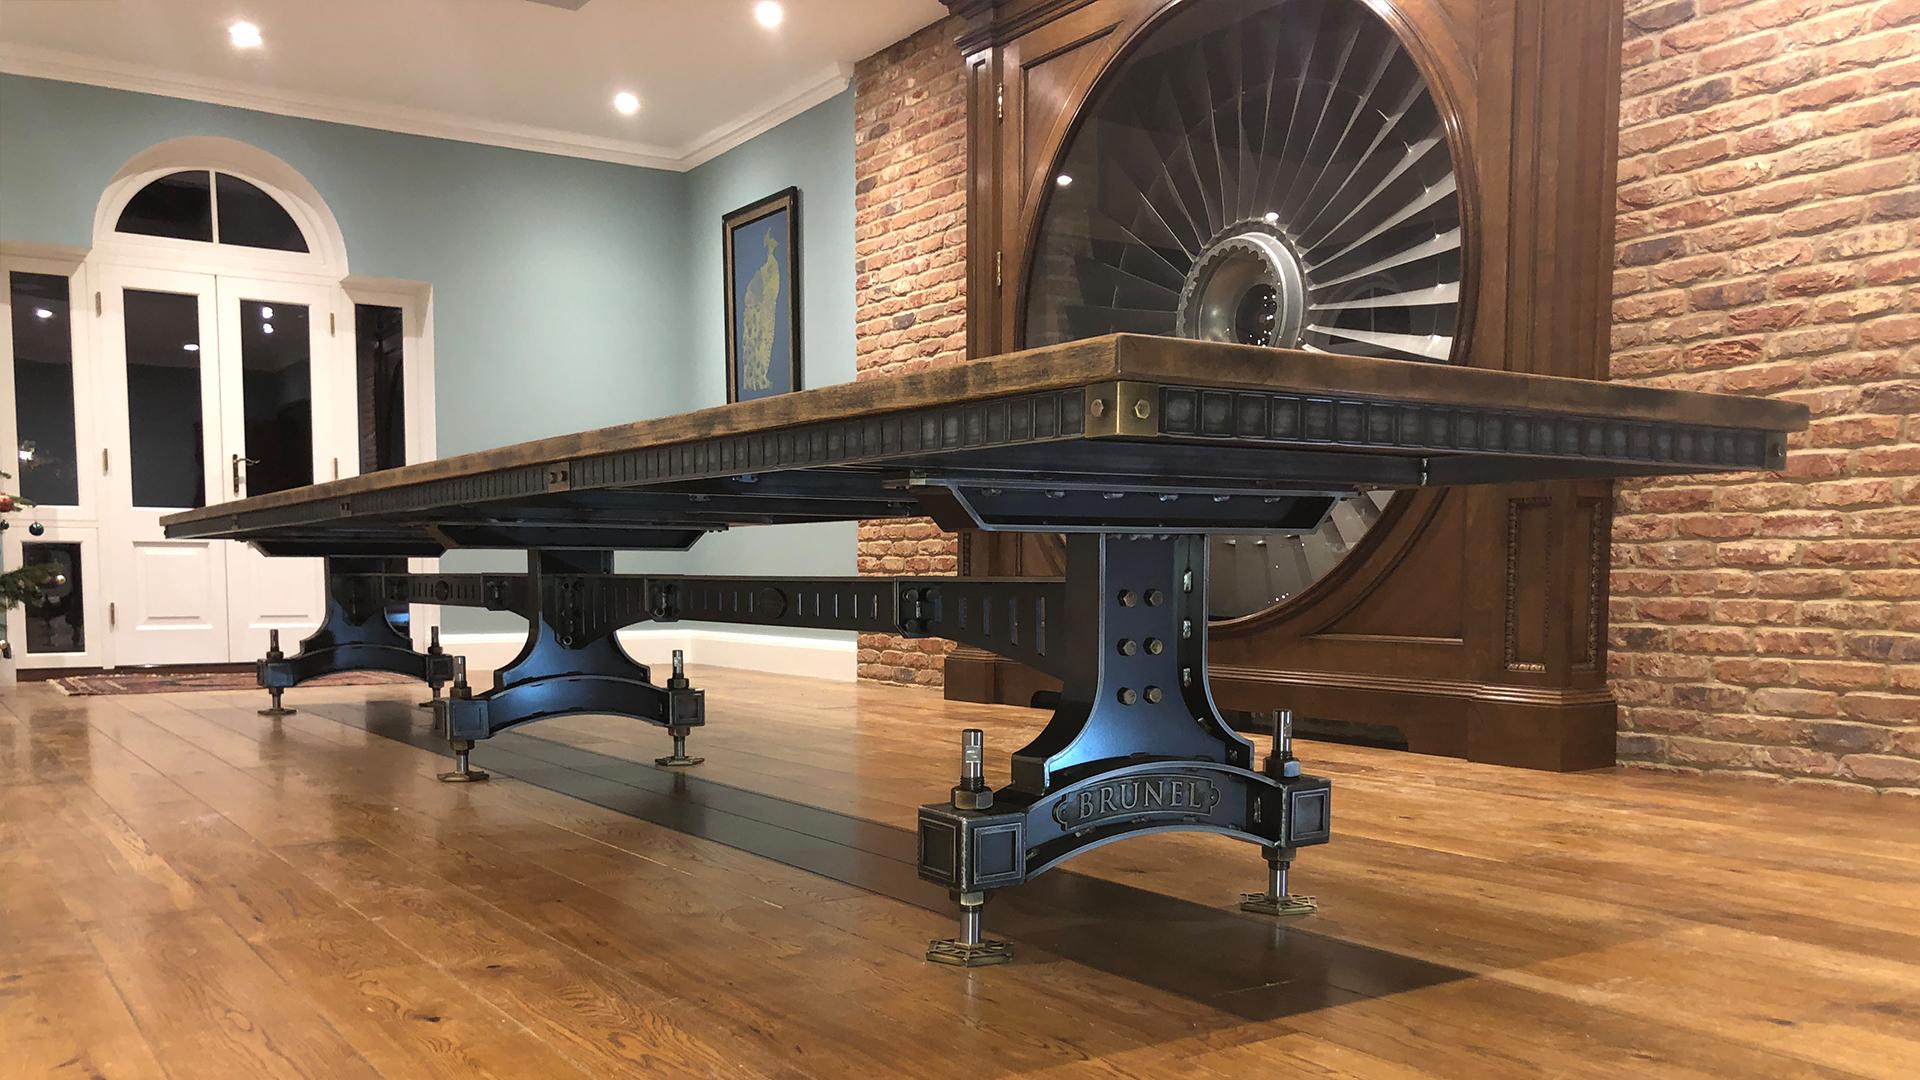 Steel Vintage Testimonial - David Brunel Table